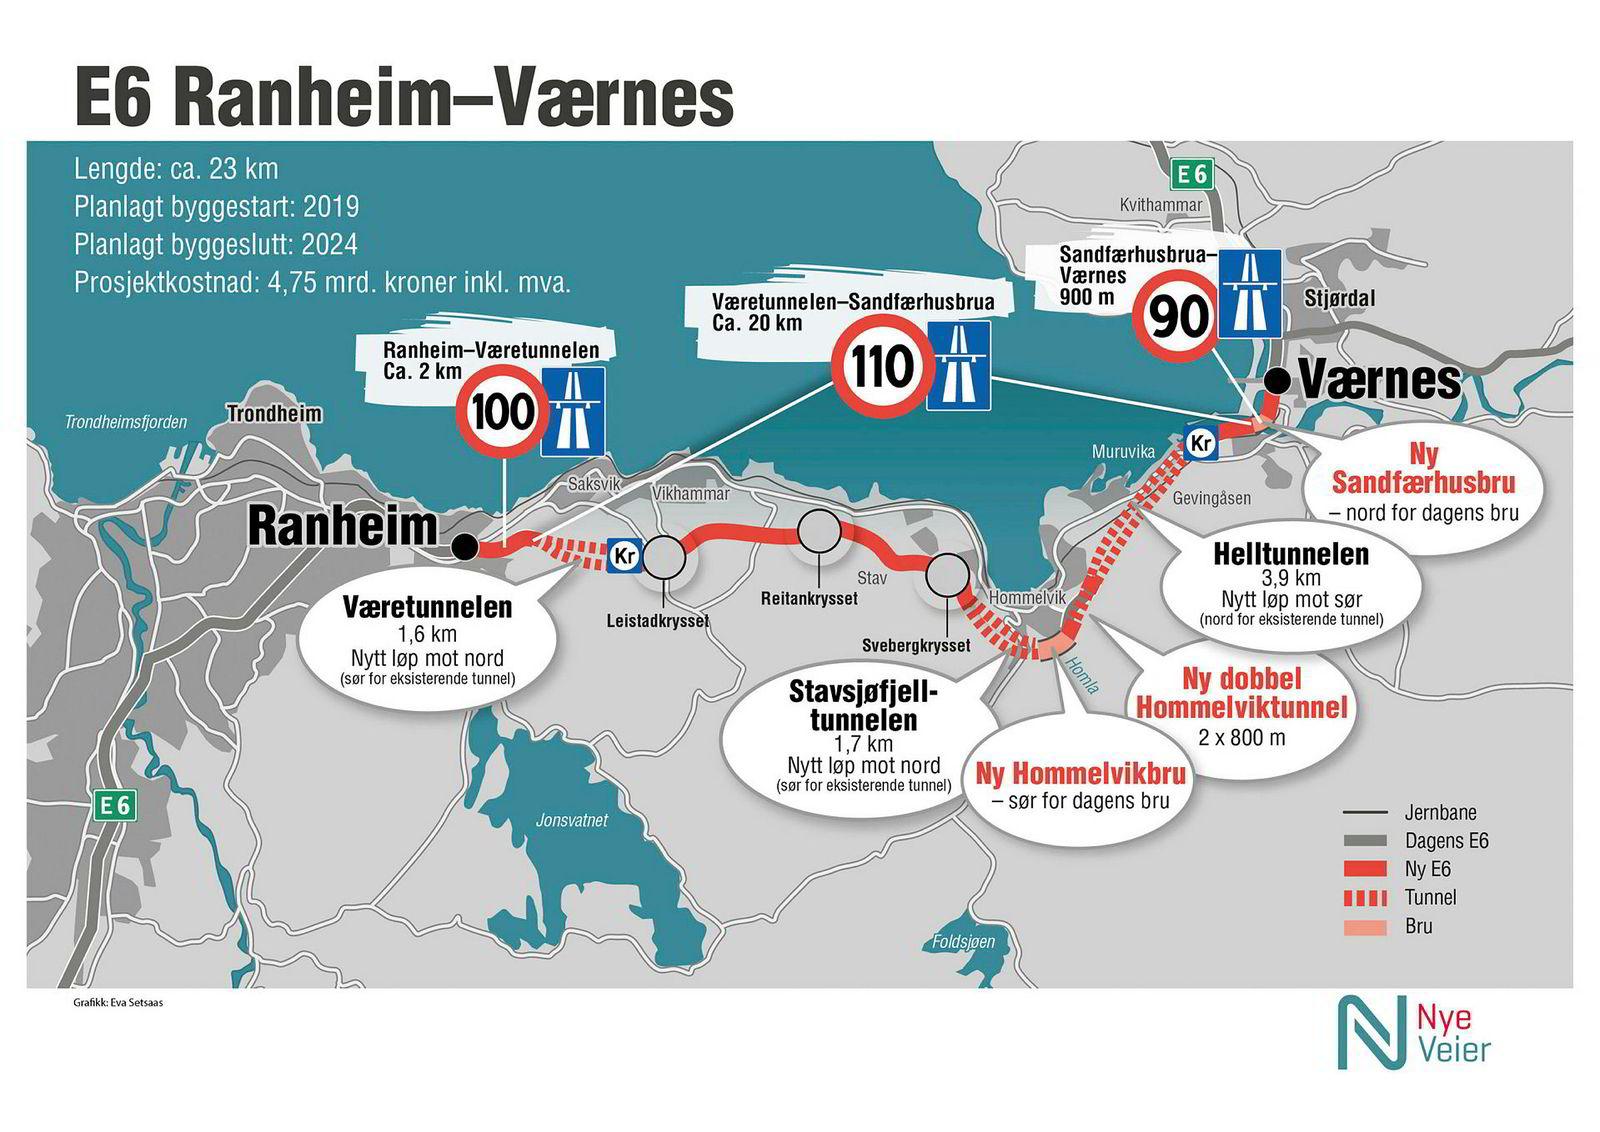 Her er Nye Veiers kart som viser veien mellom Ranheim og Værnes.